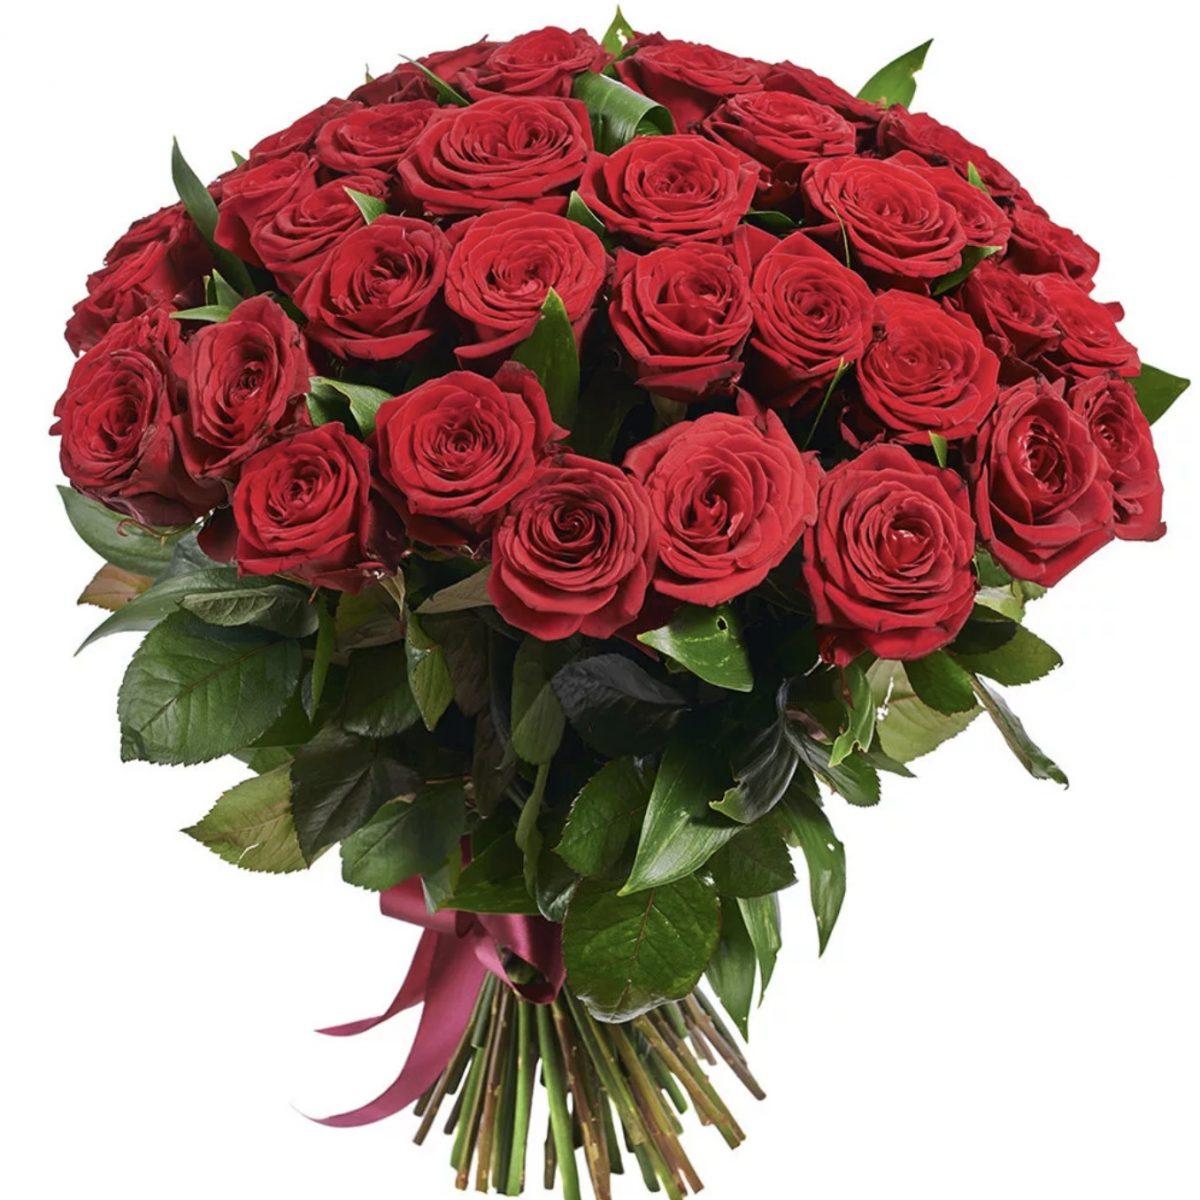 Букет цветов, букеты цветов 51 роза недорого